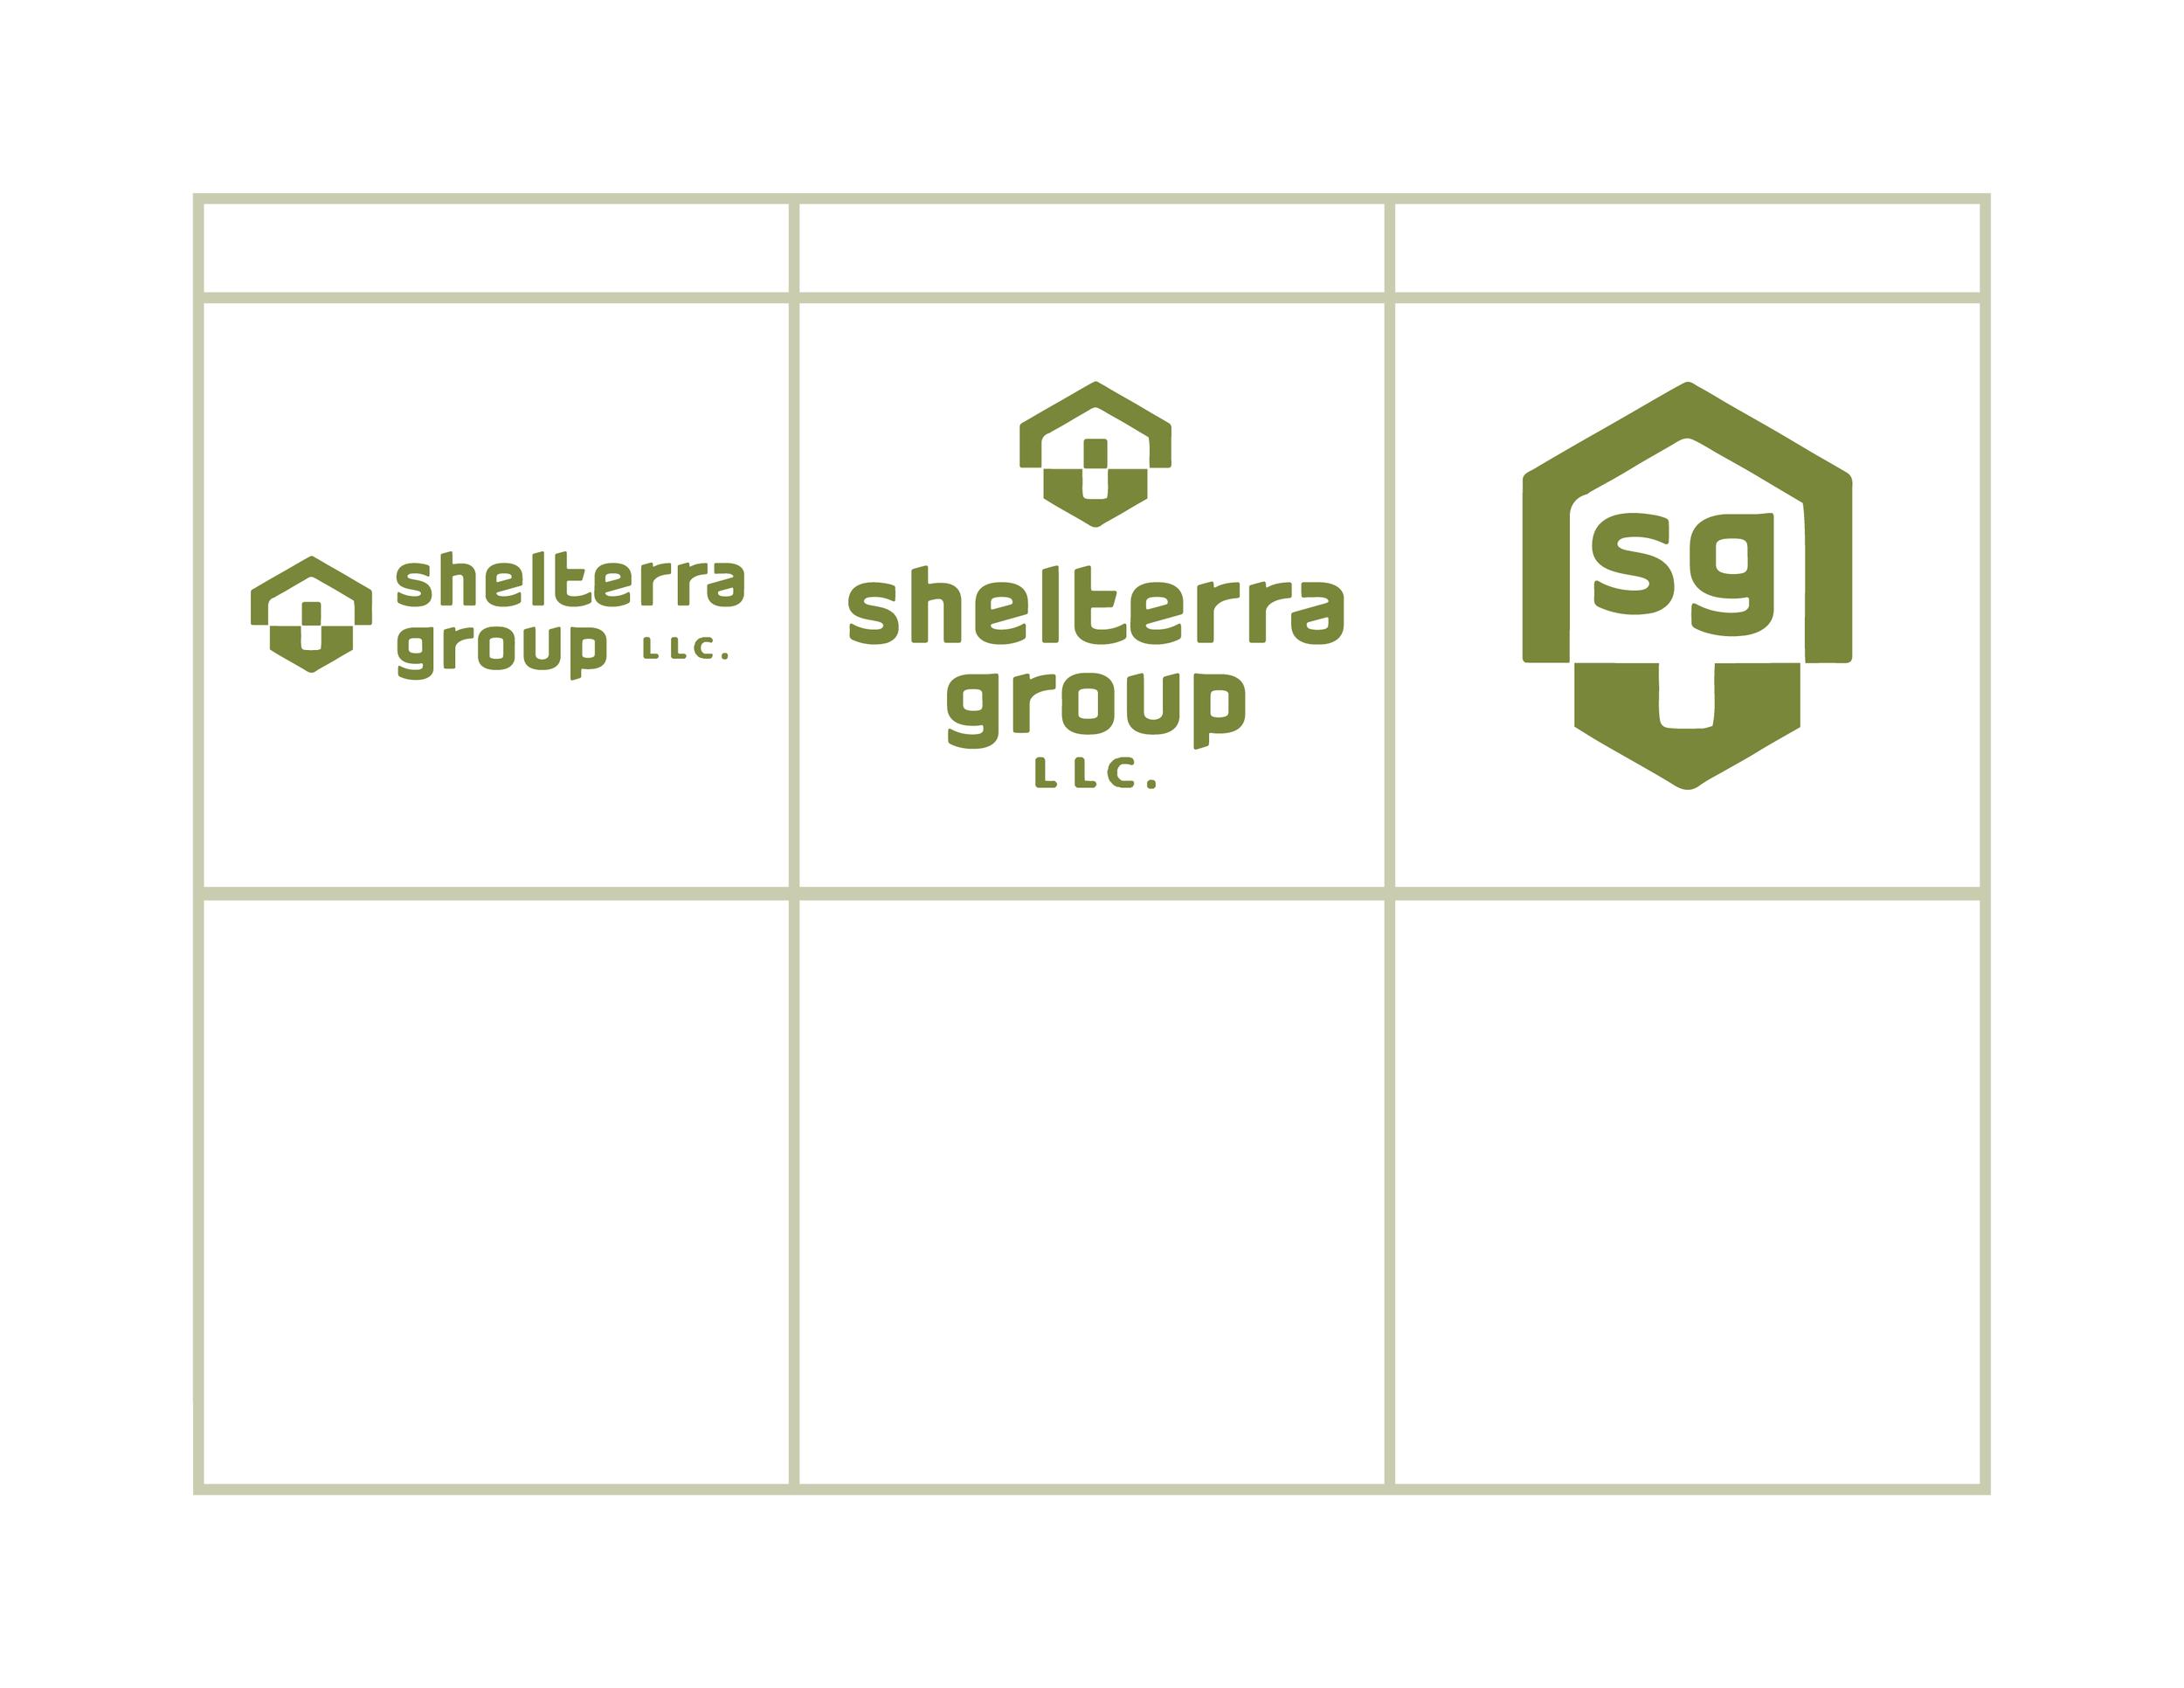 SHELTERRA GROUP (Unused lowercase logo concept)